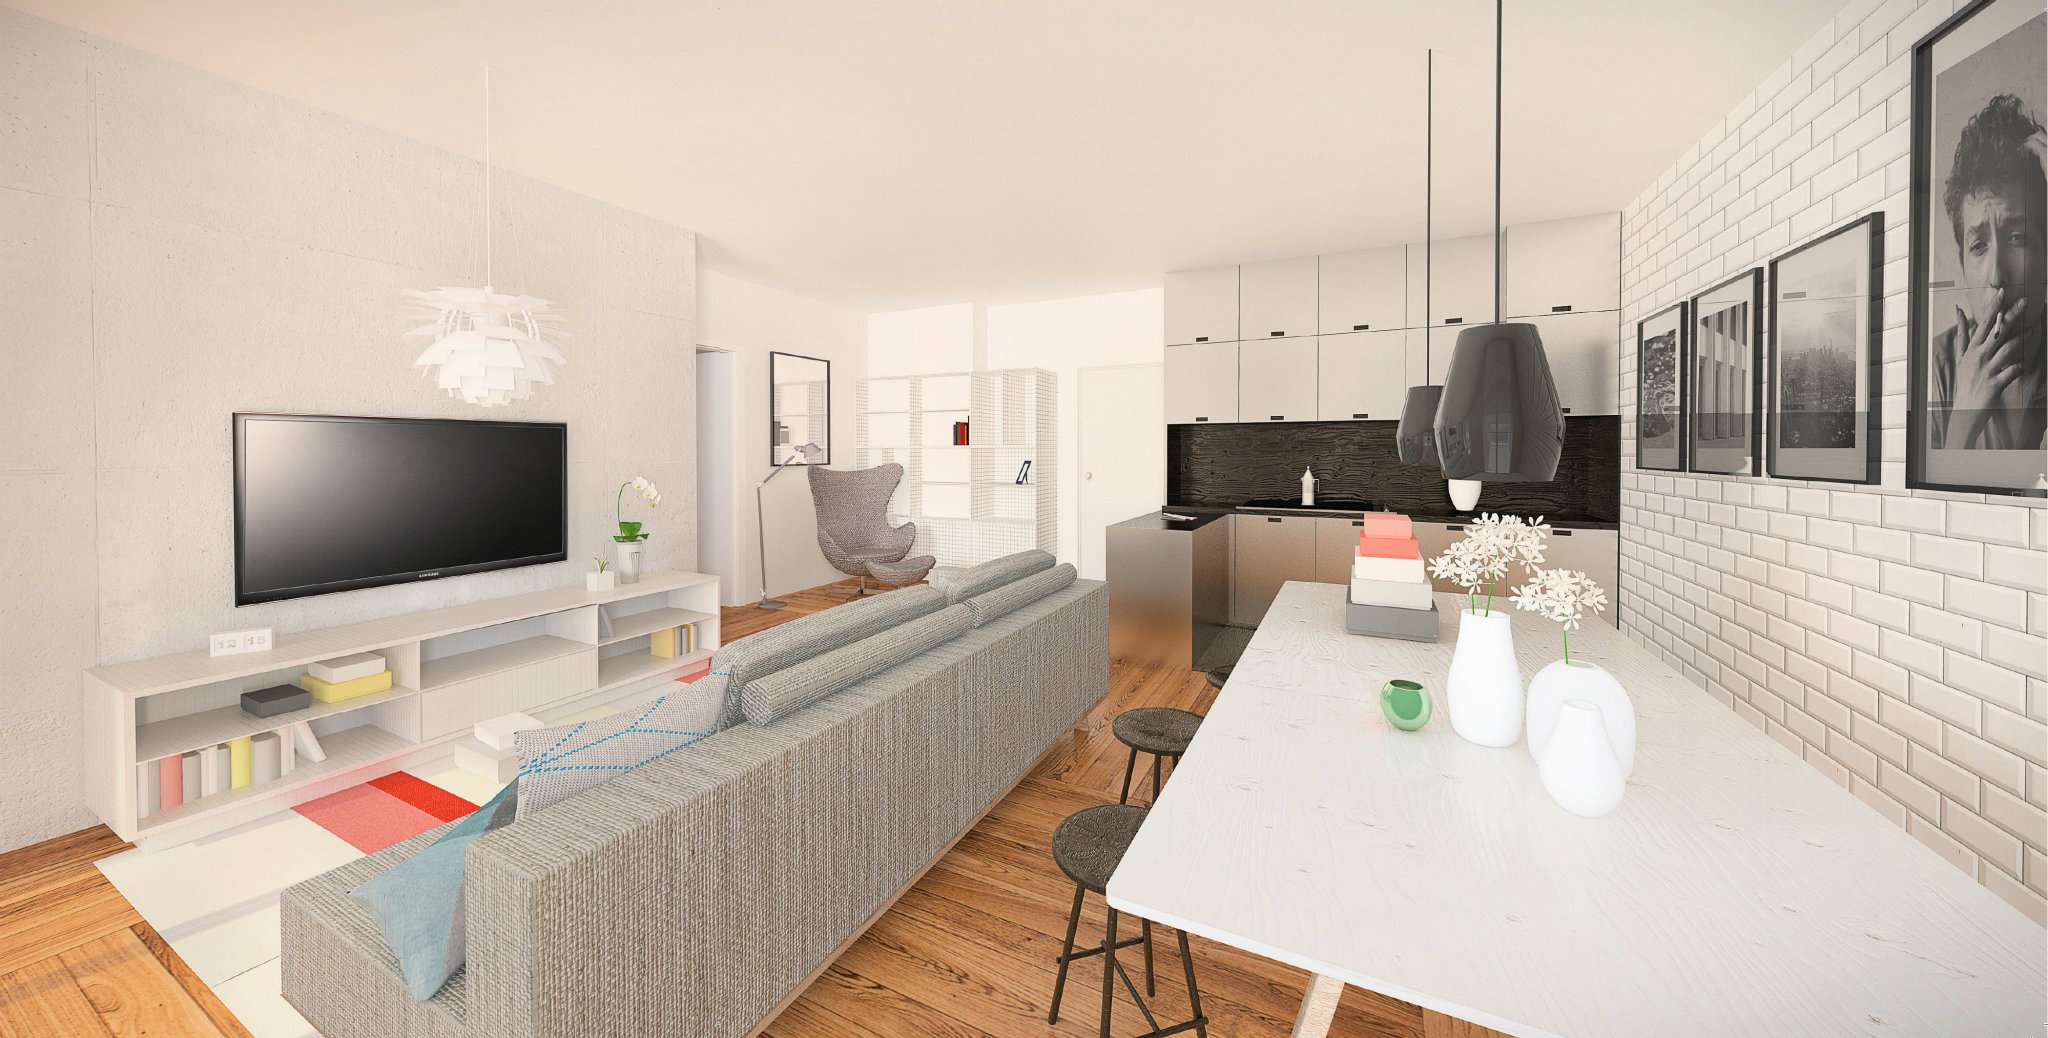 Appartamento in vendita a Cesena, 3 locali, prezzo € 259.000 | CambioCasa.it